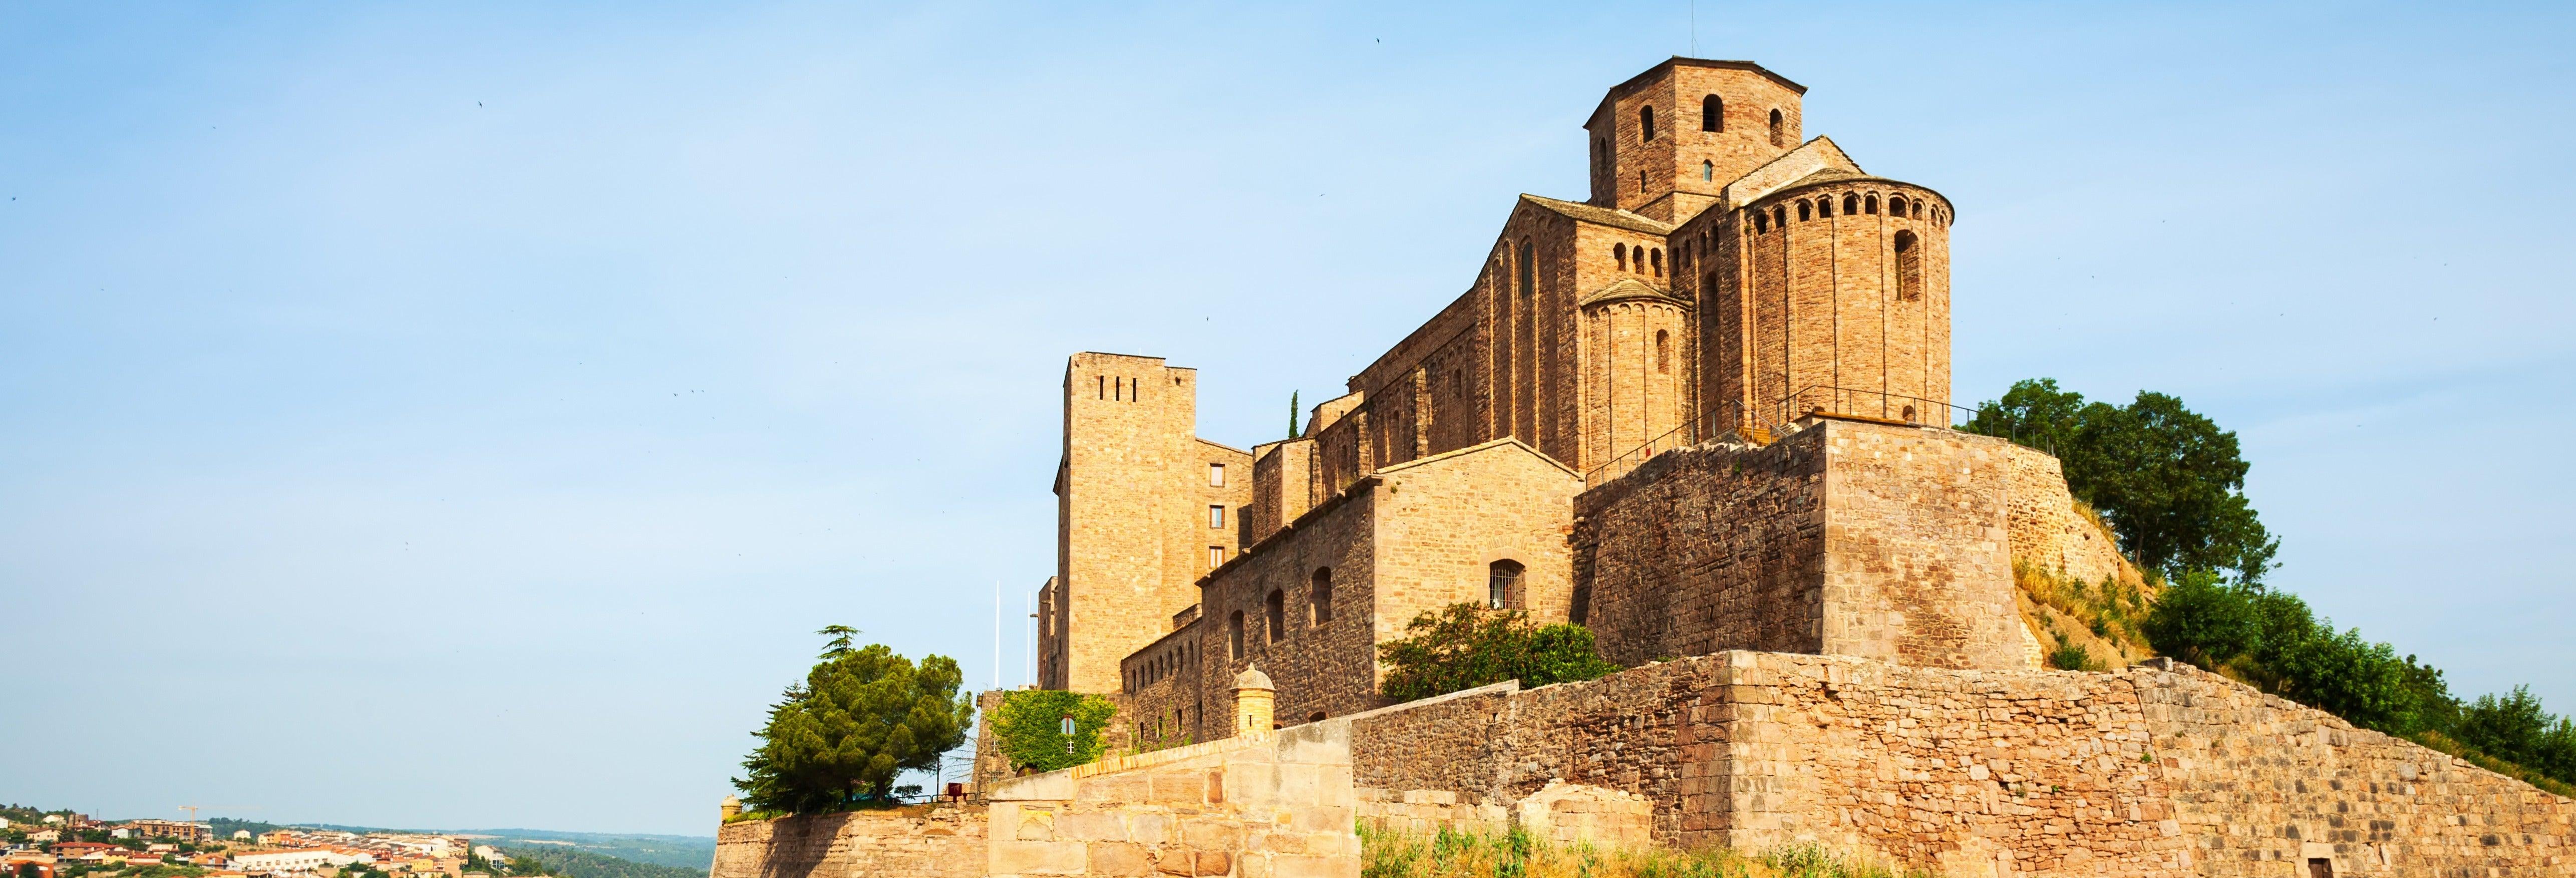 Escursione a Cardona e Montserrat